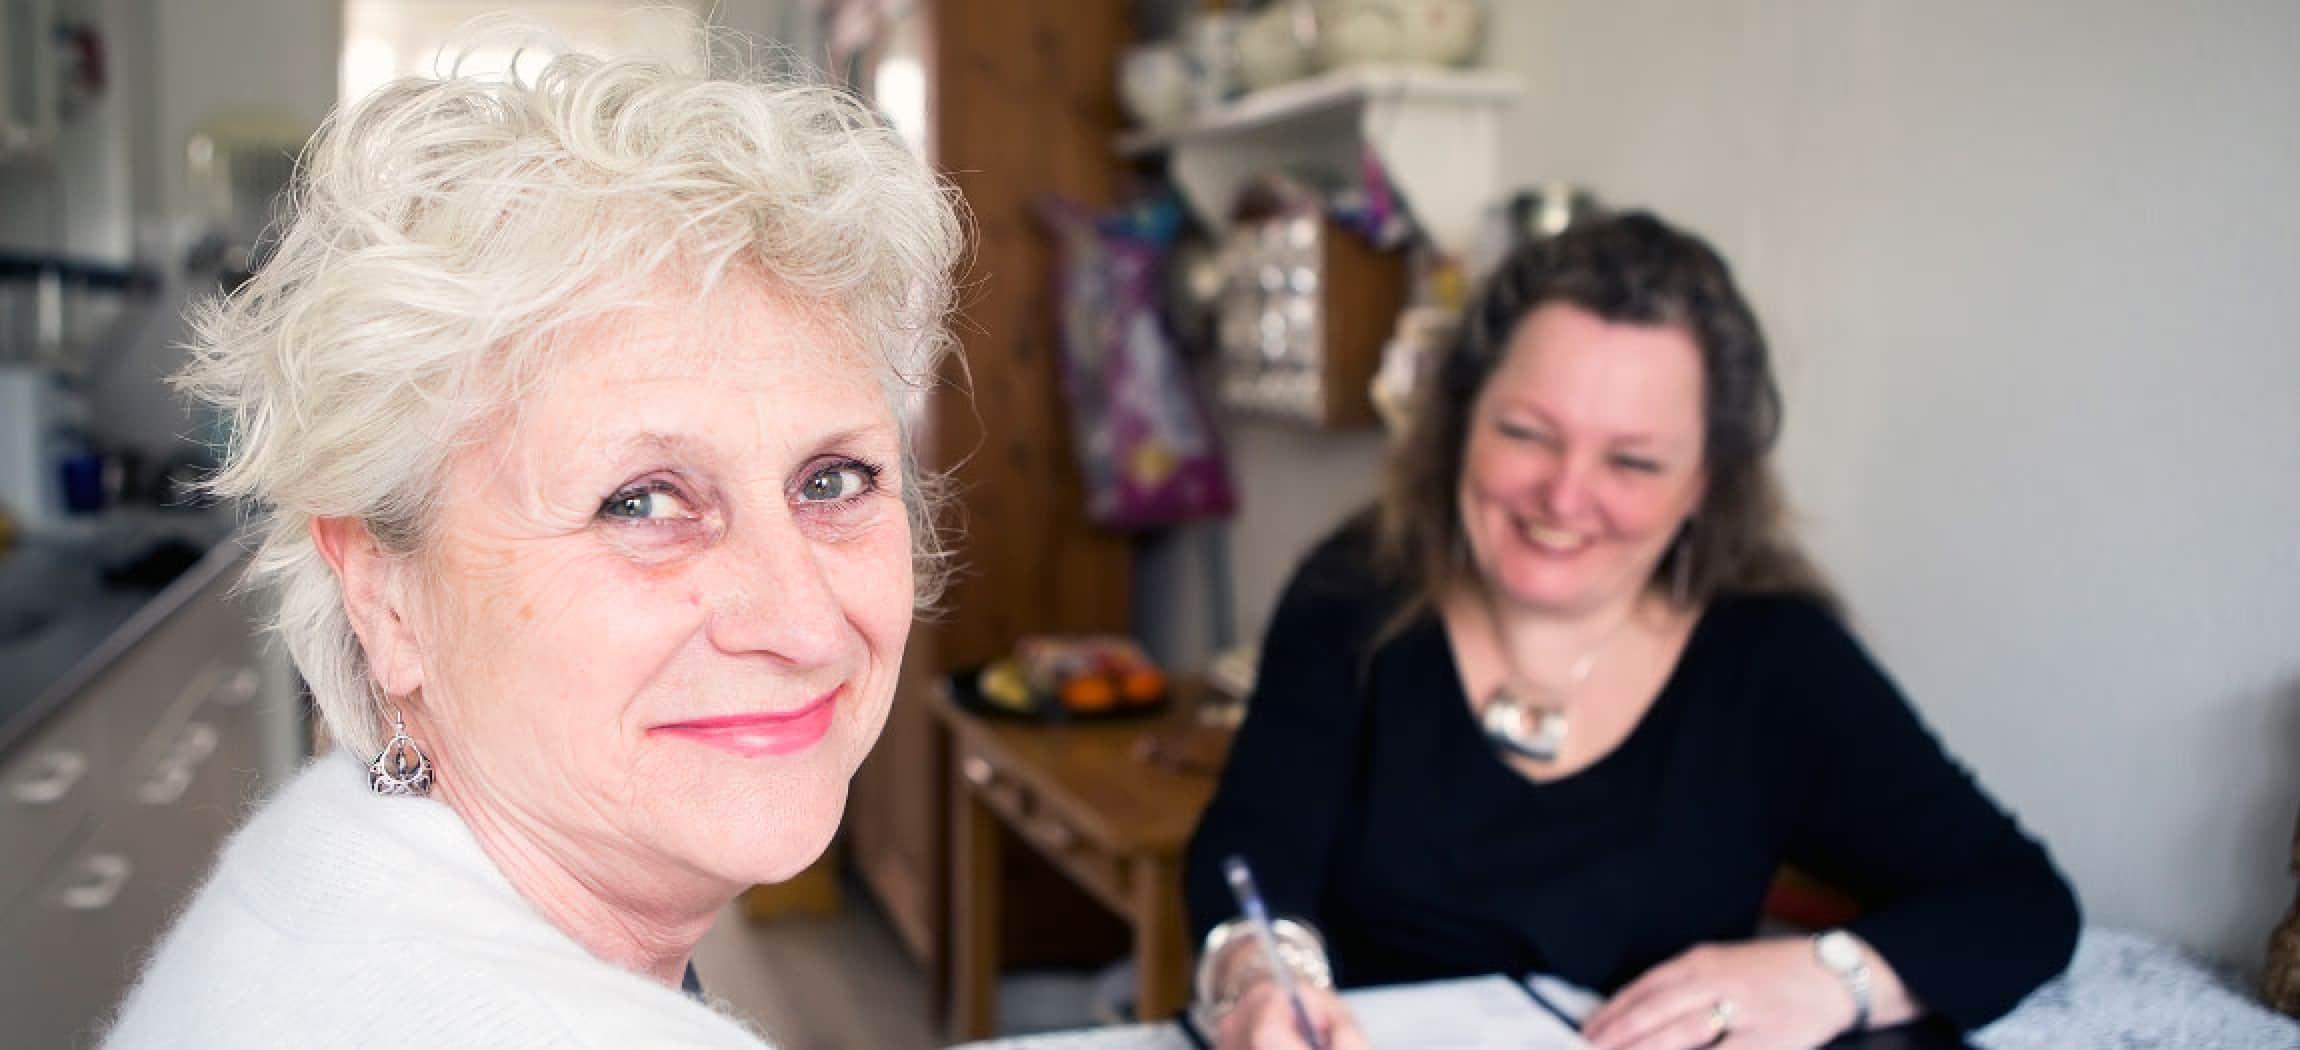 Mooie oudere vrouw zit met thuisbegeleider in haar keukentje